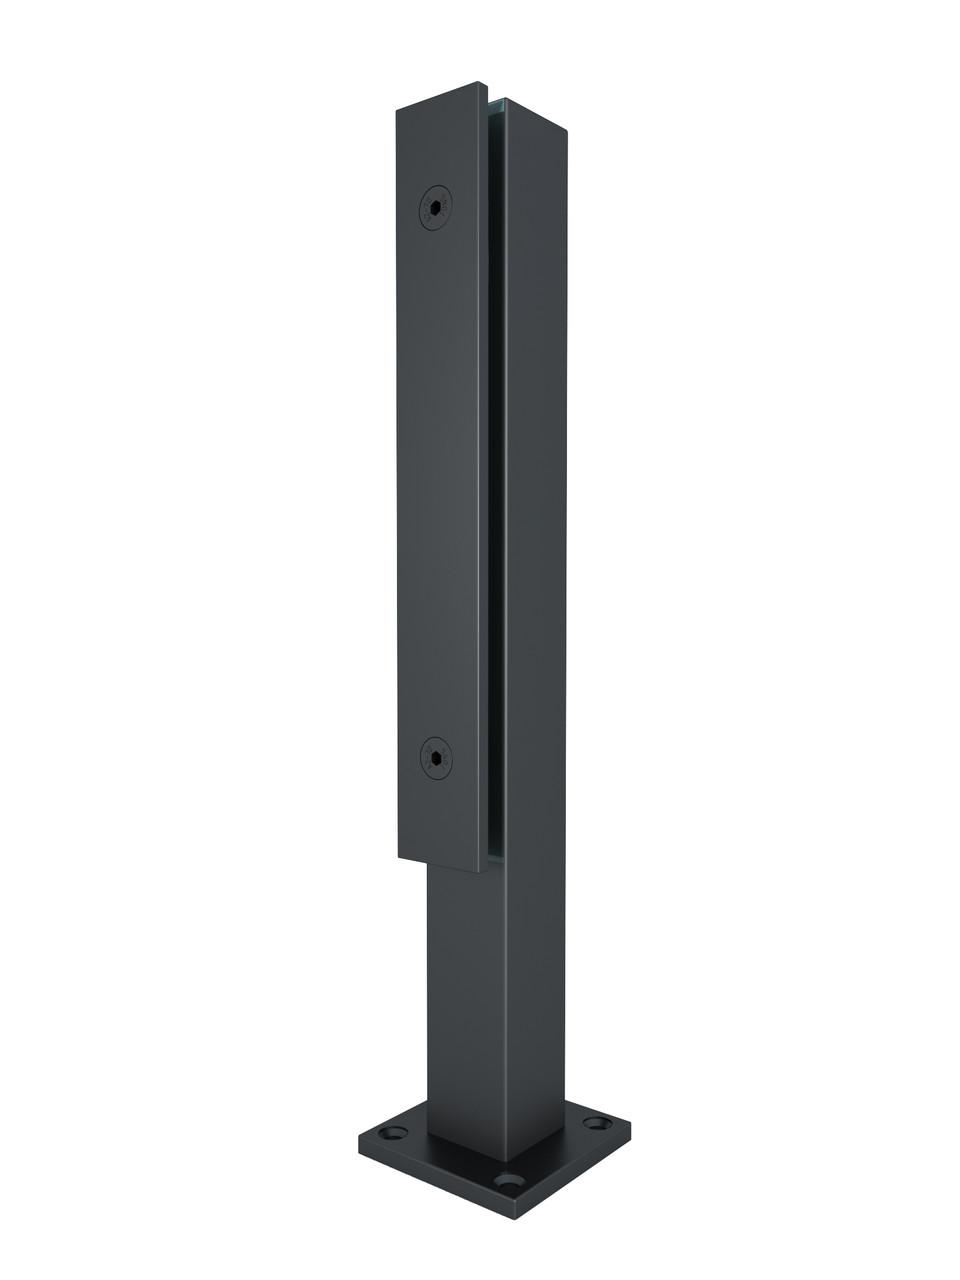 ODF-02-06-21-H400 Стійка для скла з нержавійки з притискною пластиною для скляних огороджень і поручнів, чер